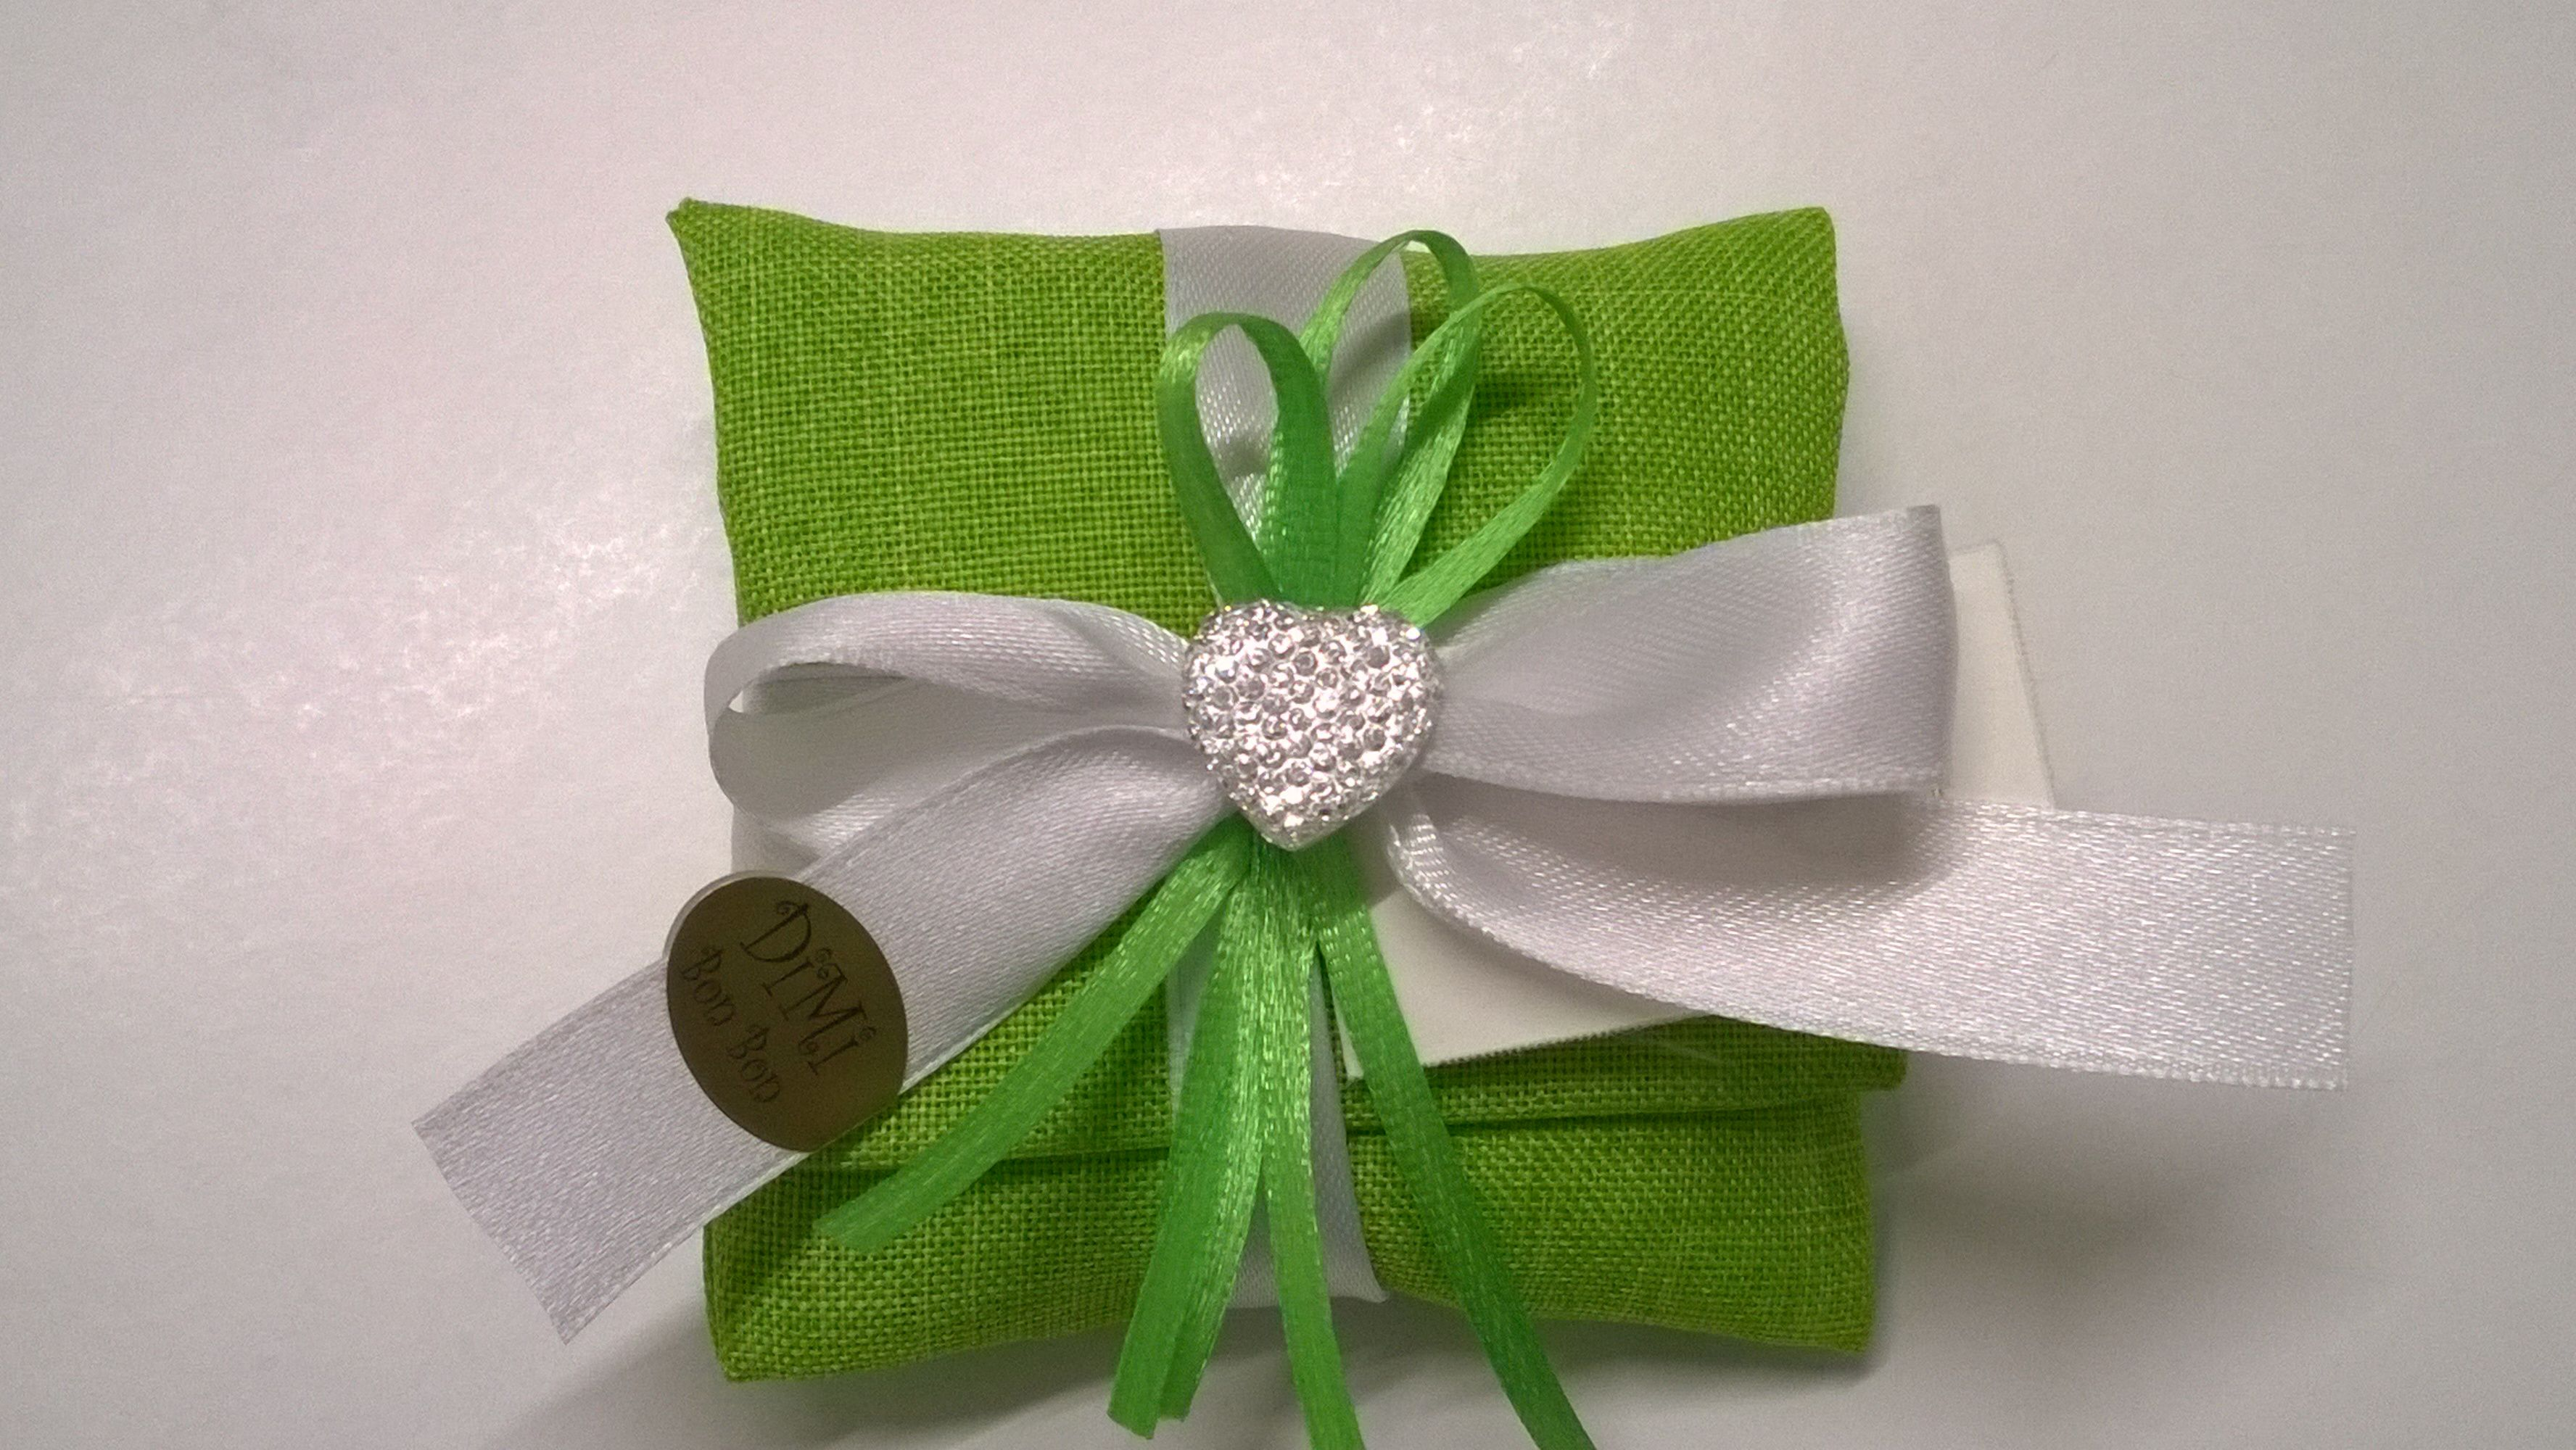 Popolare Sacchettino cuscinetto verde per anniversario di matrimonio. 40 PK28